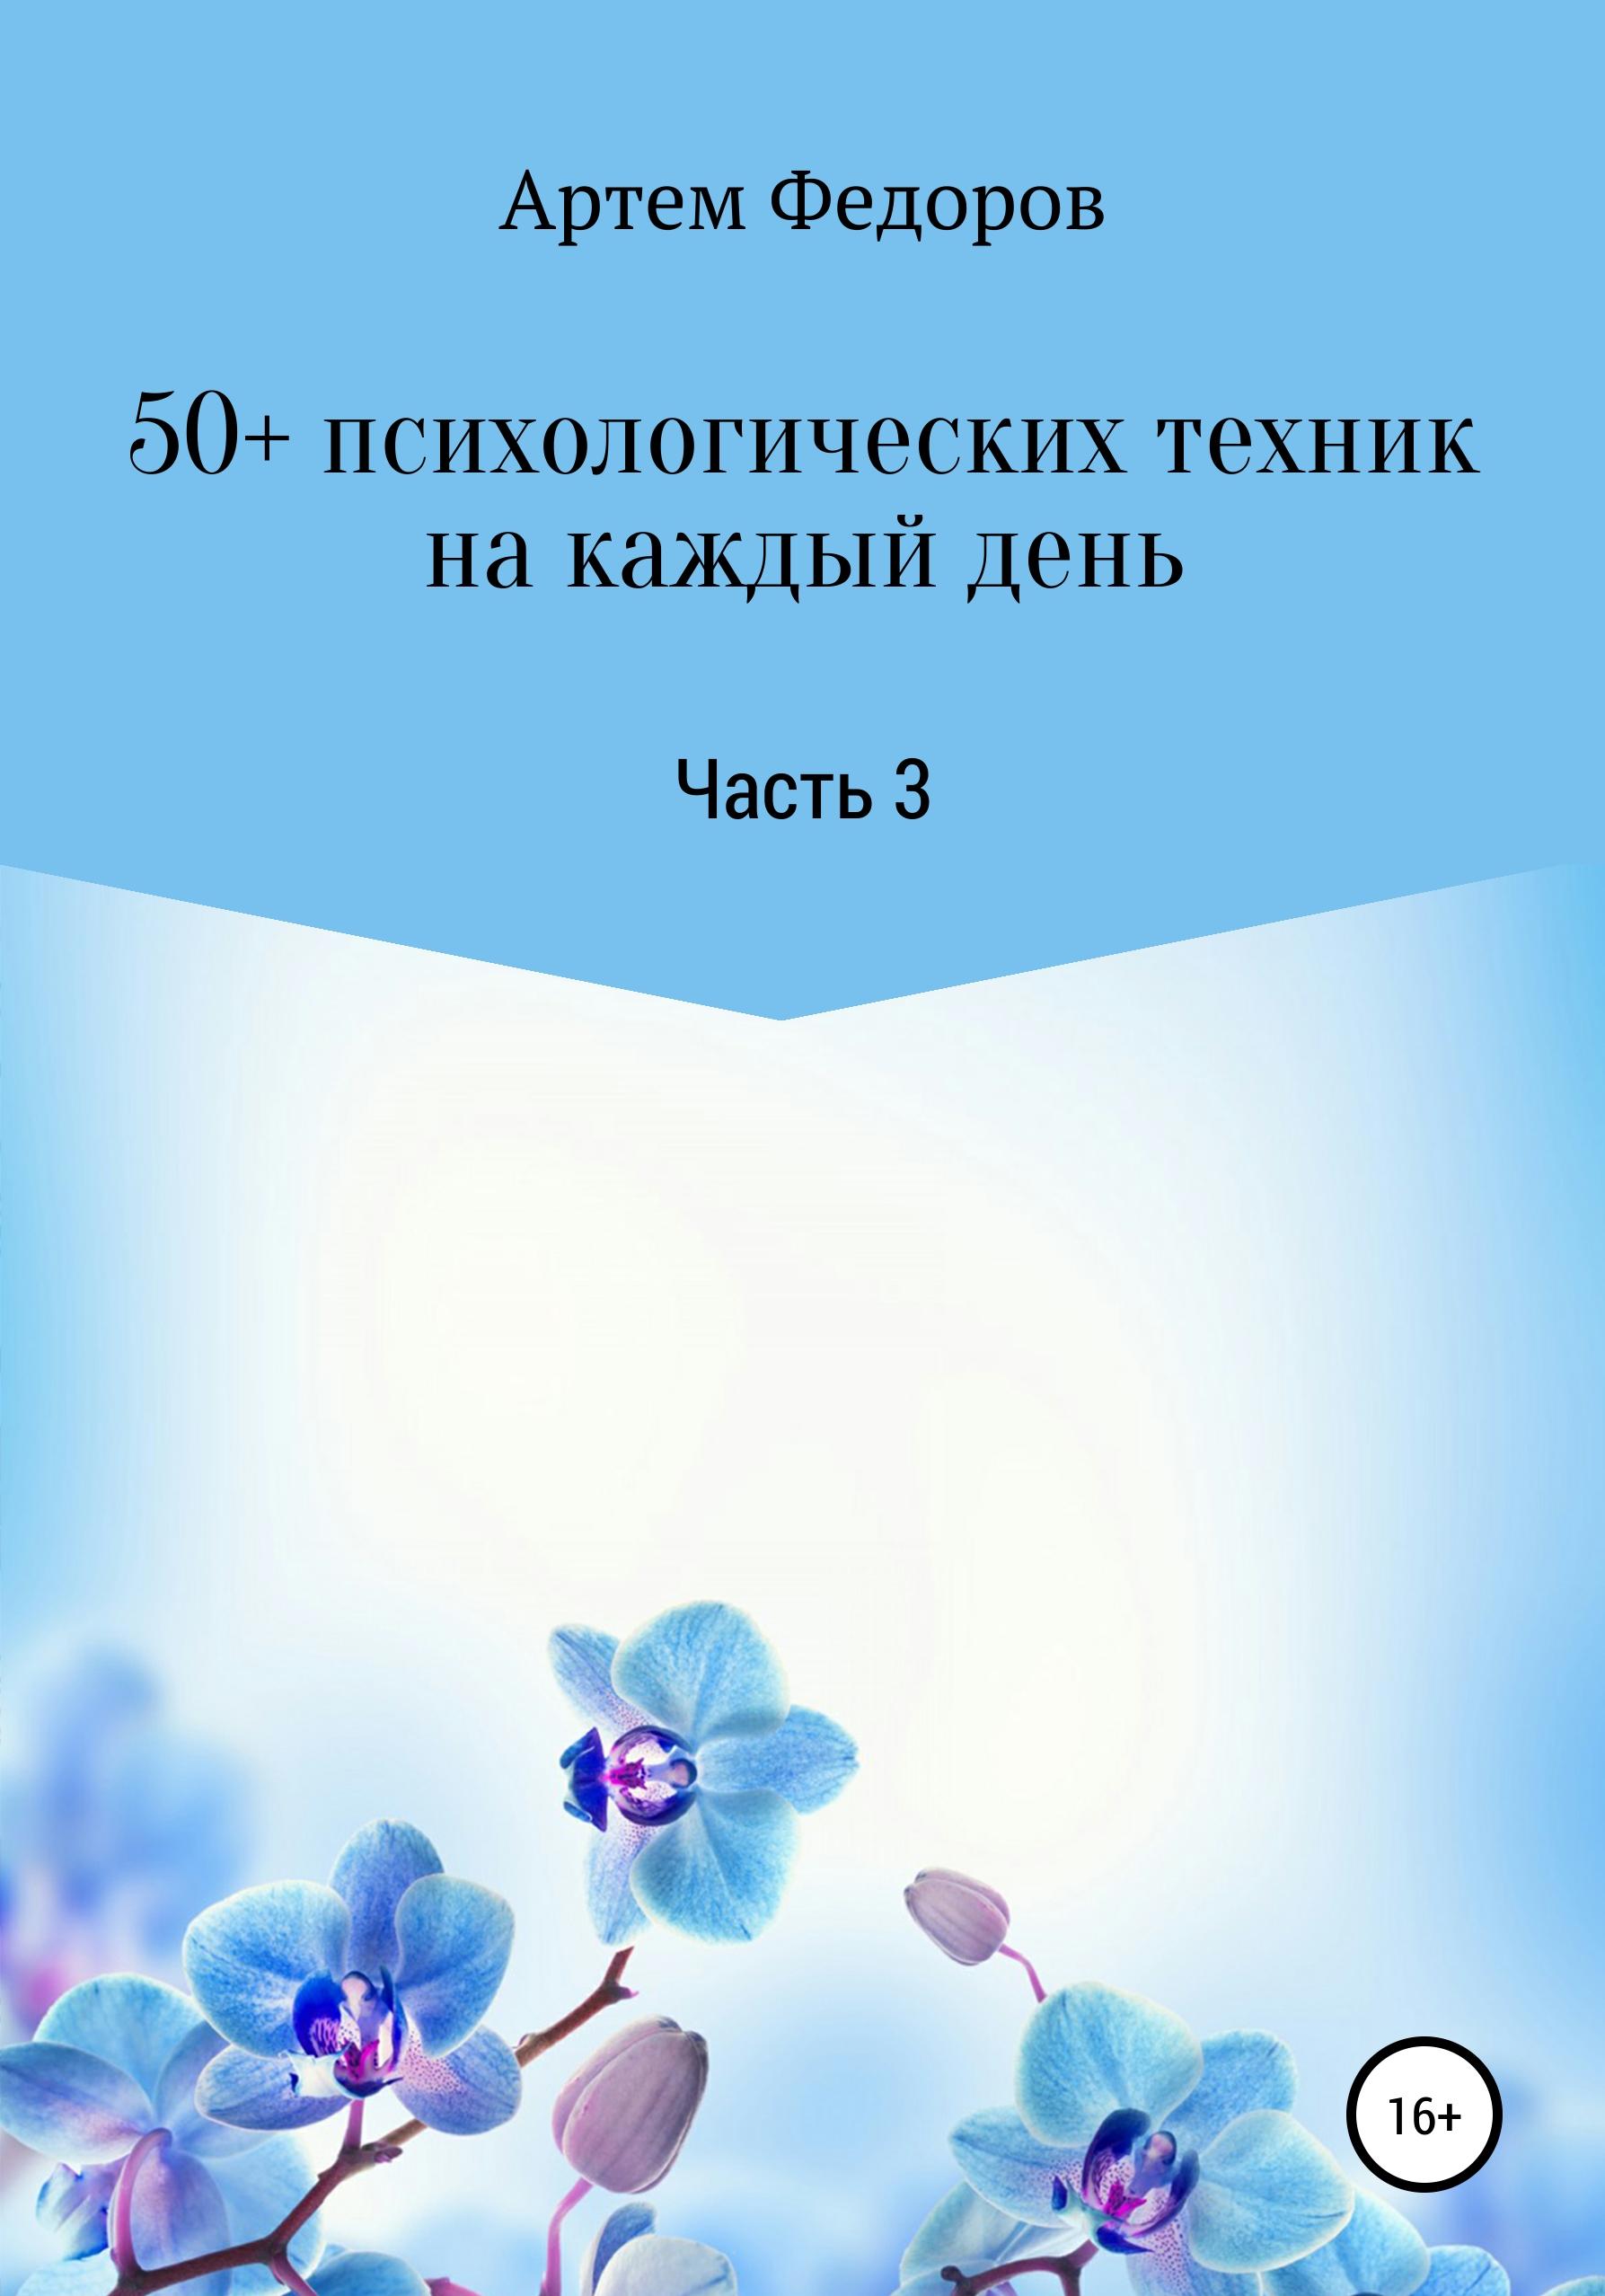 50+ психологических техник на каждый день. Часть 3